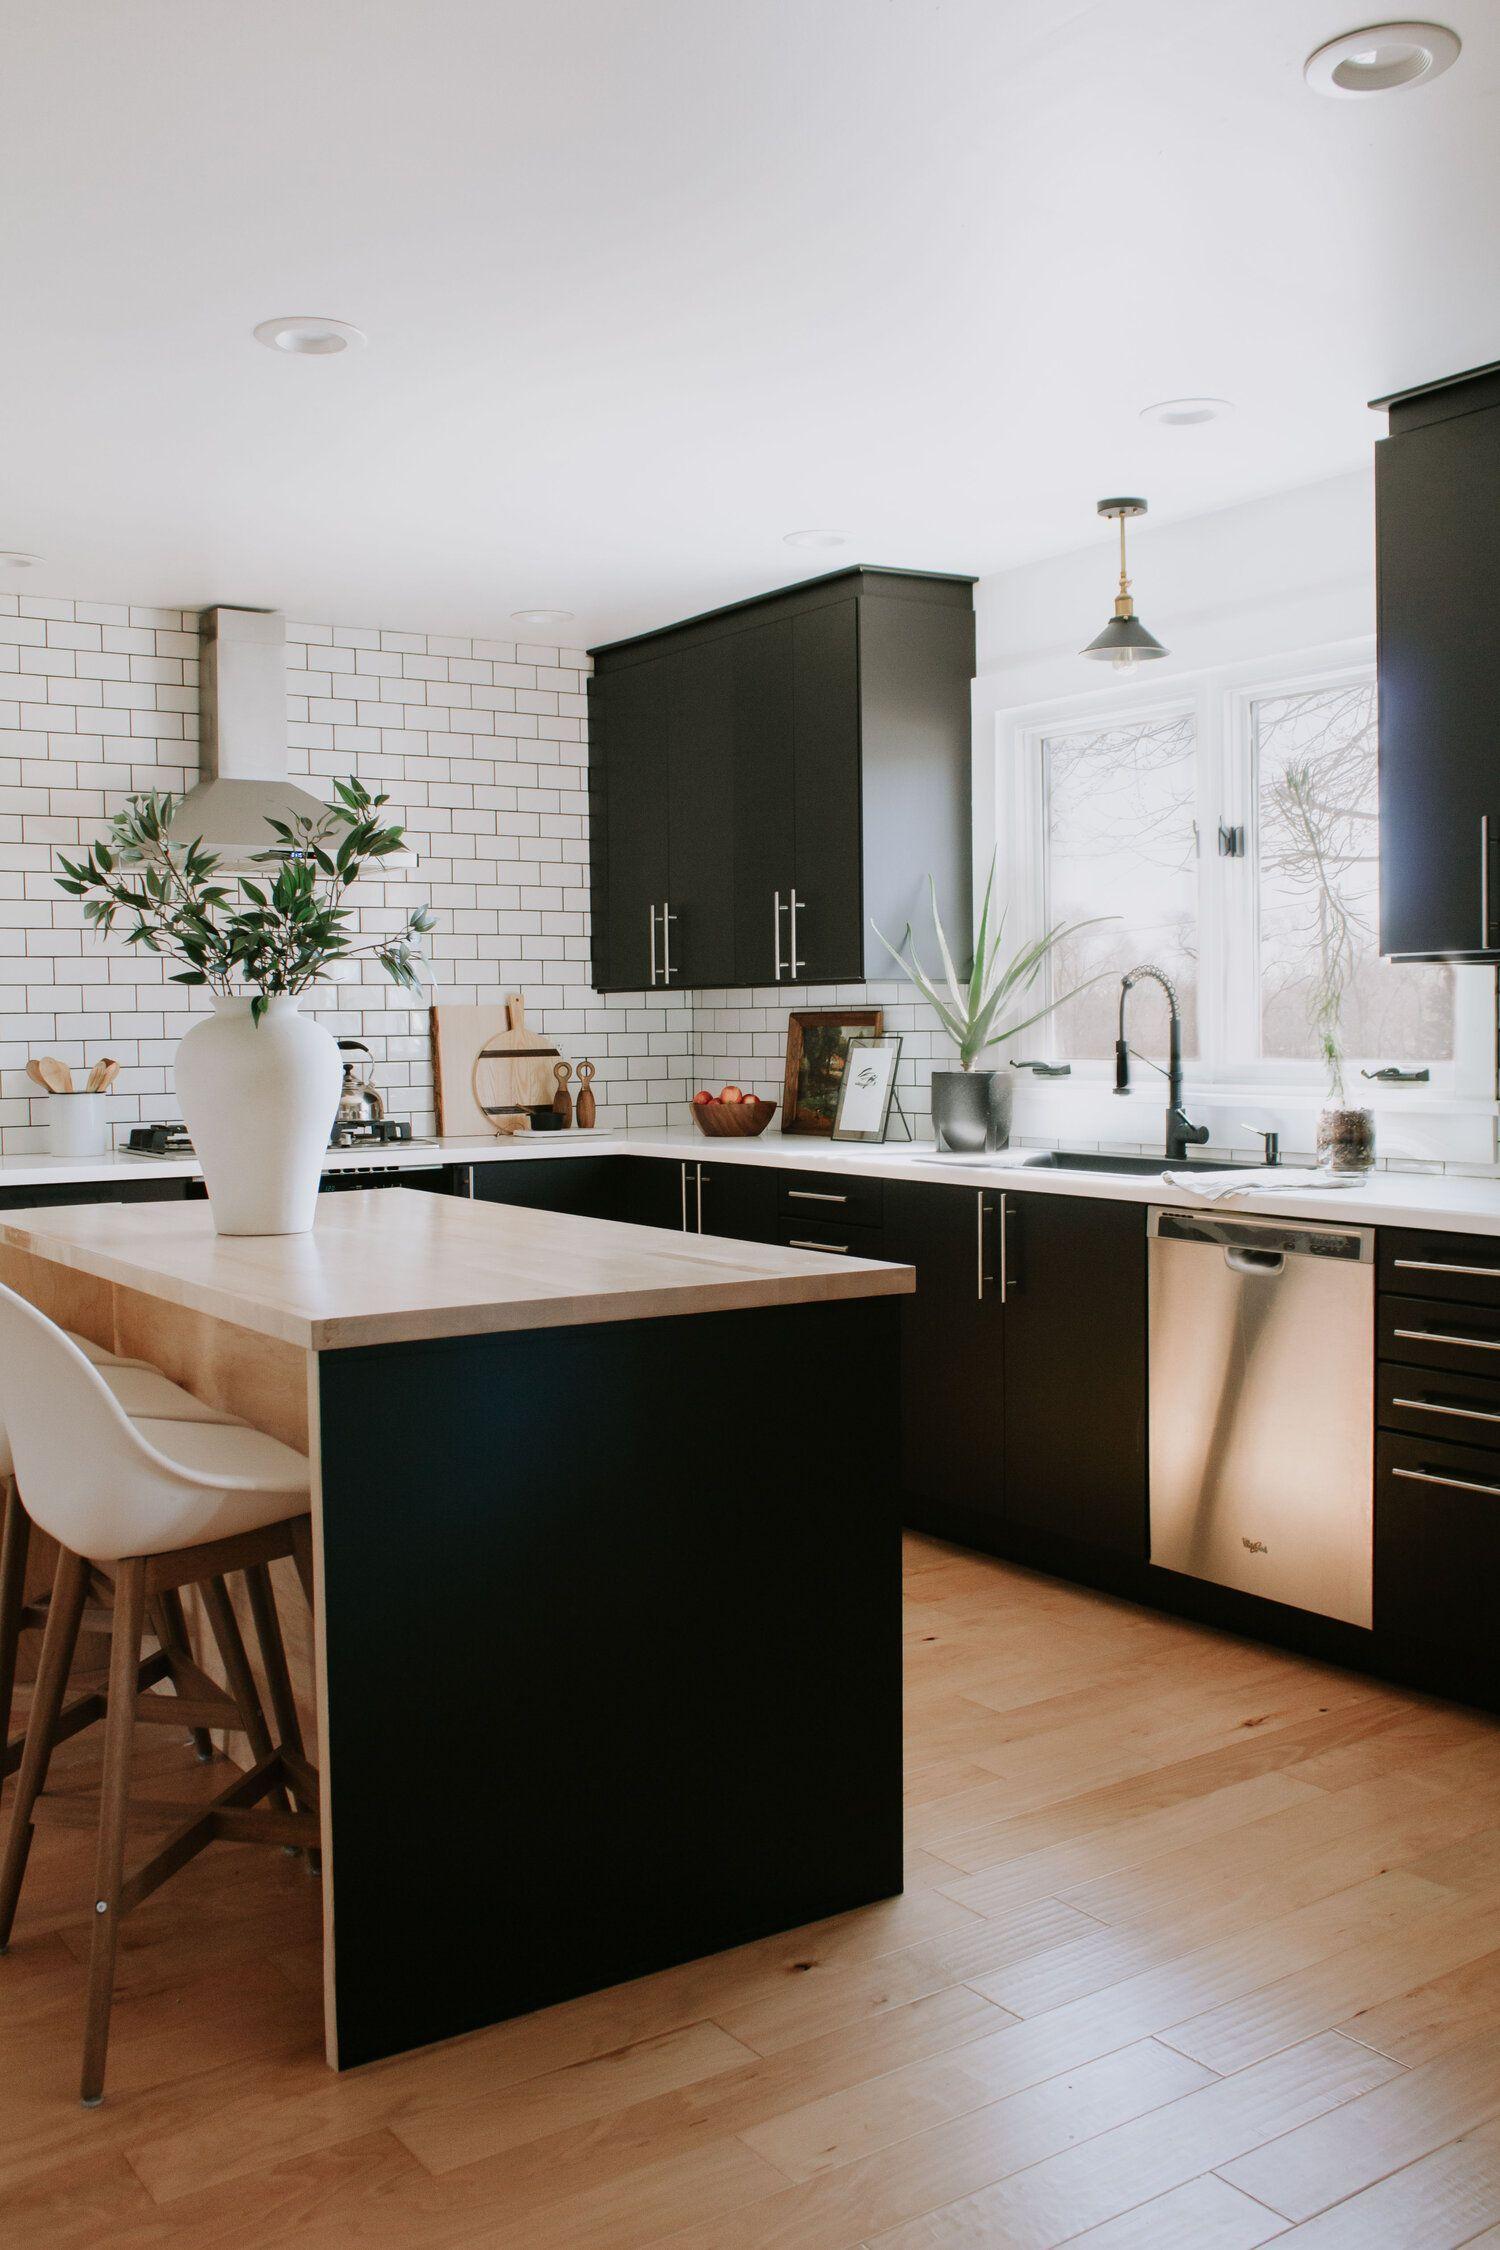 IKEA Küchenschränke Q + A (Teil 5) in 5050  Ikea kitchen reviews